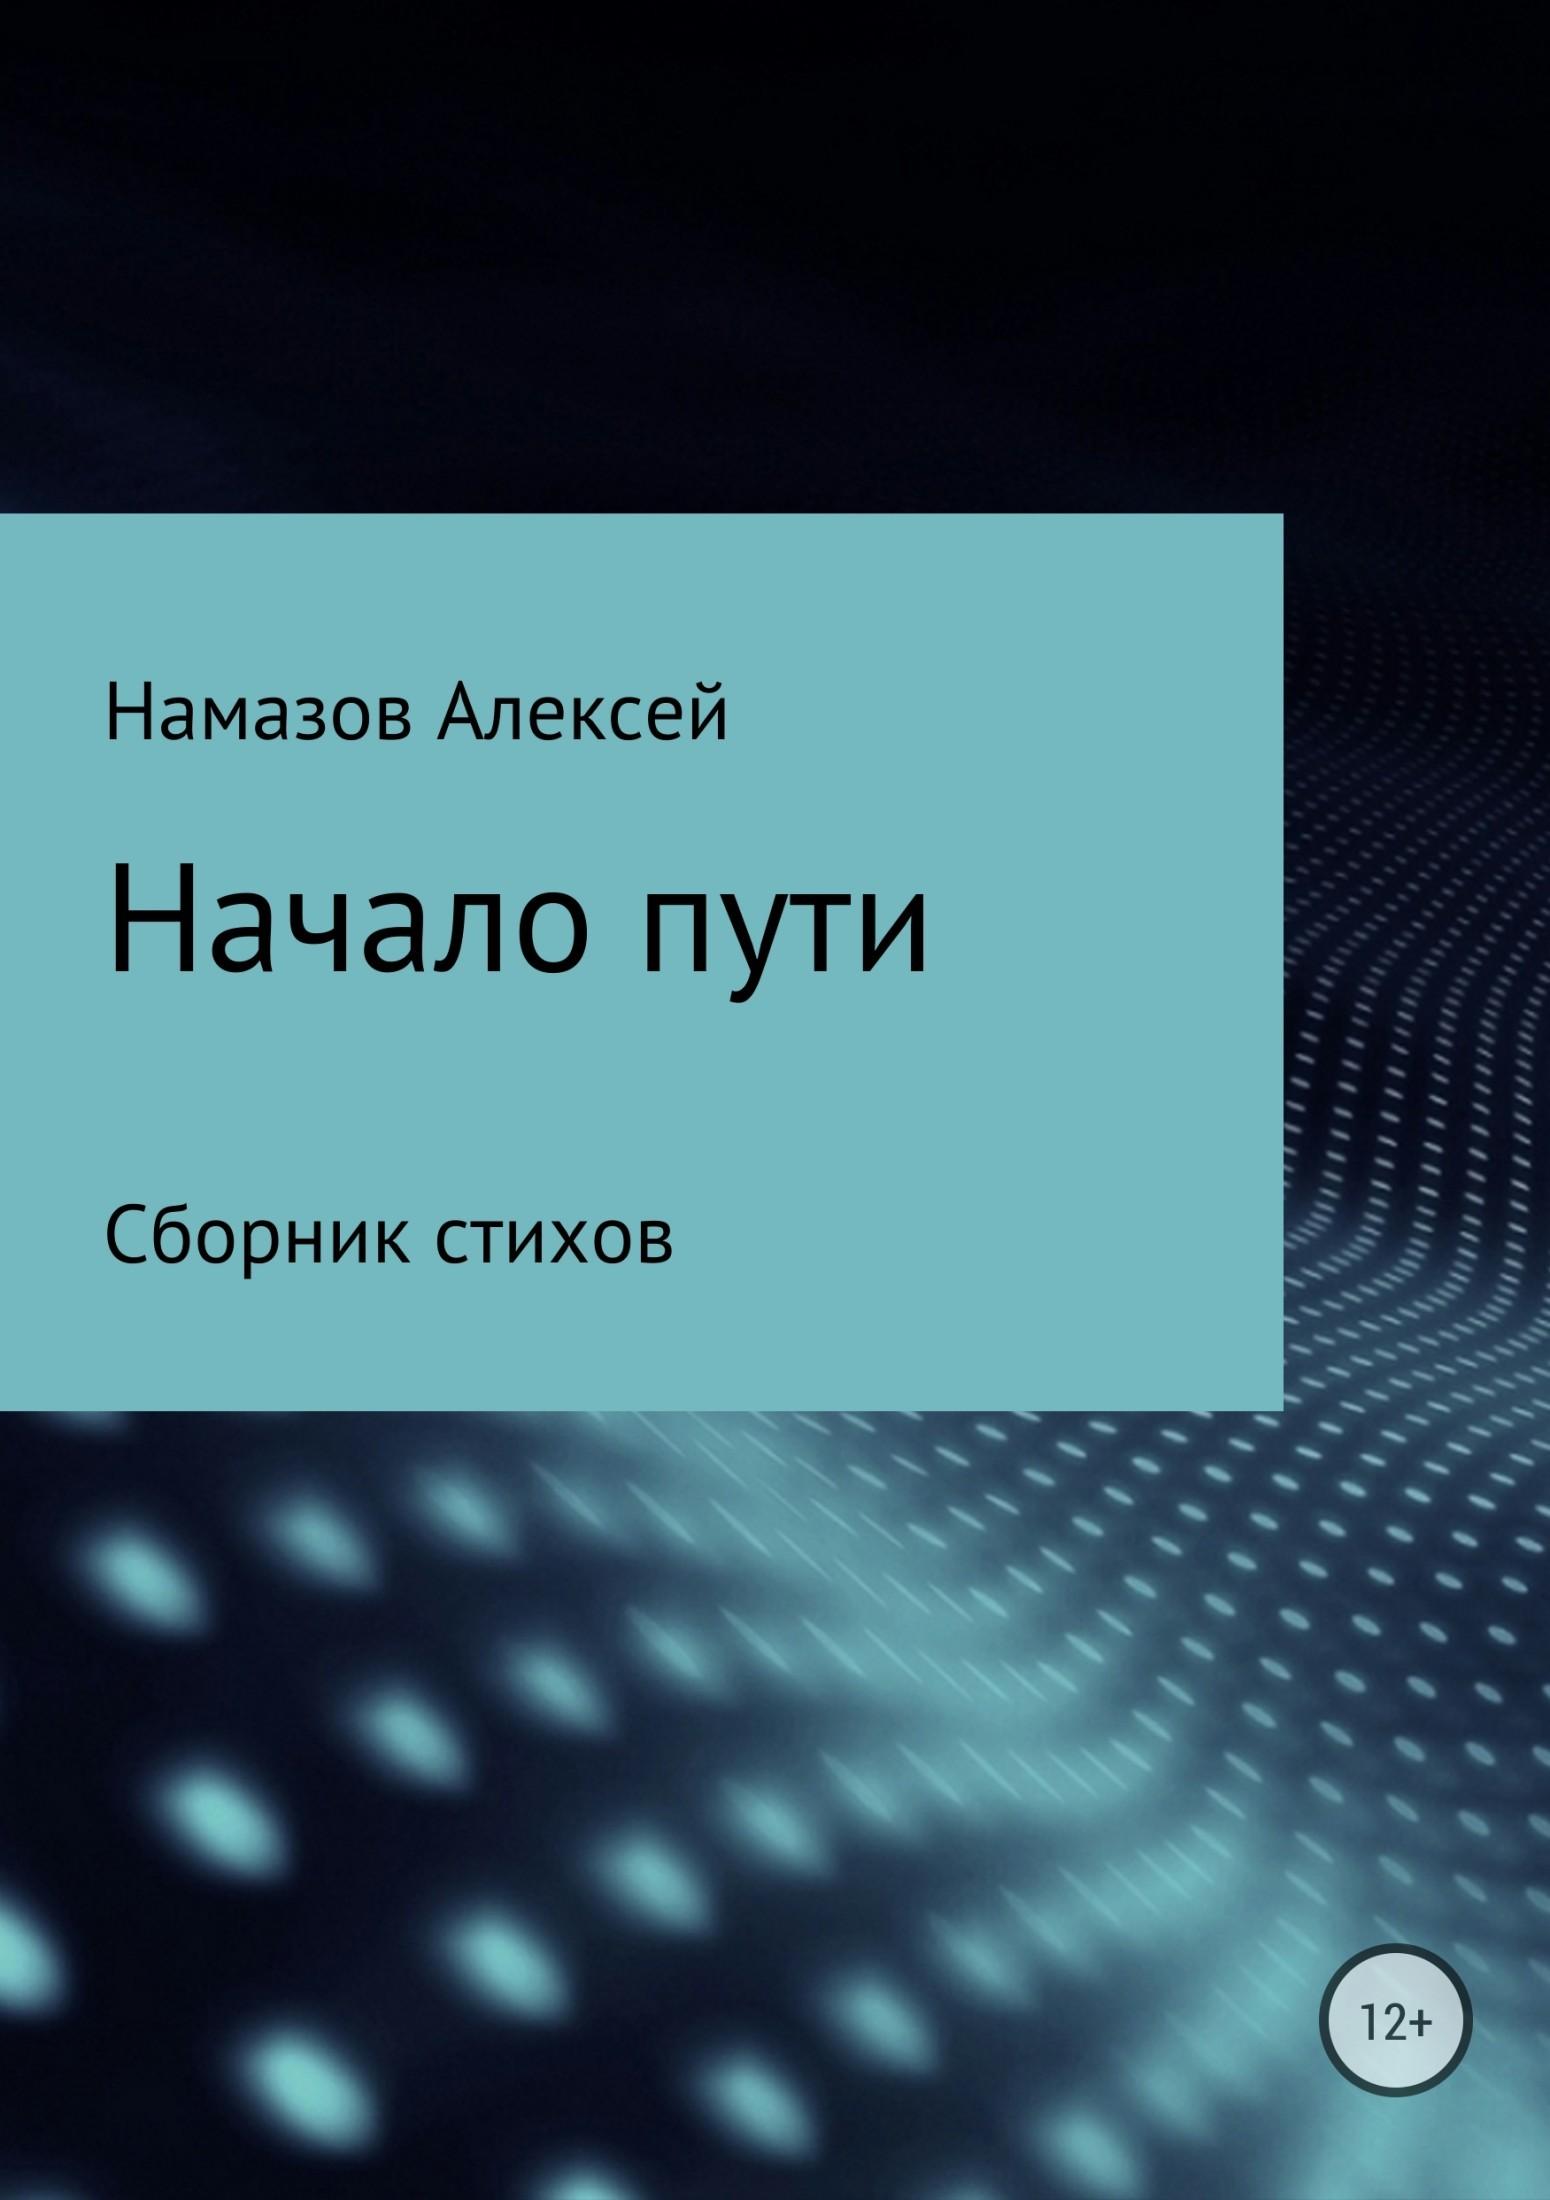 Алексей Александрович Намазов Сборник стихов «Начало пути»